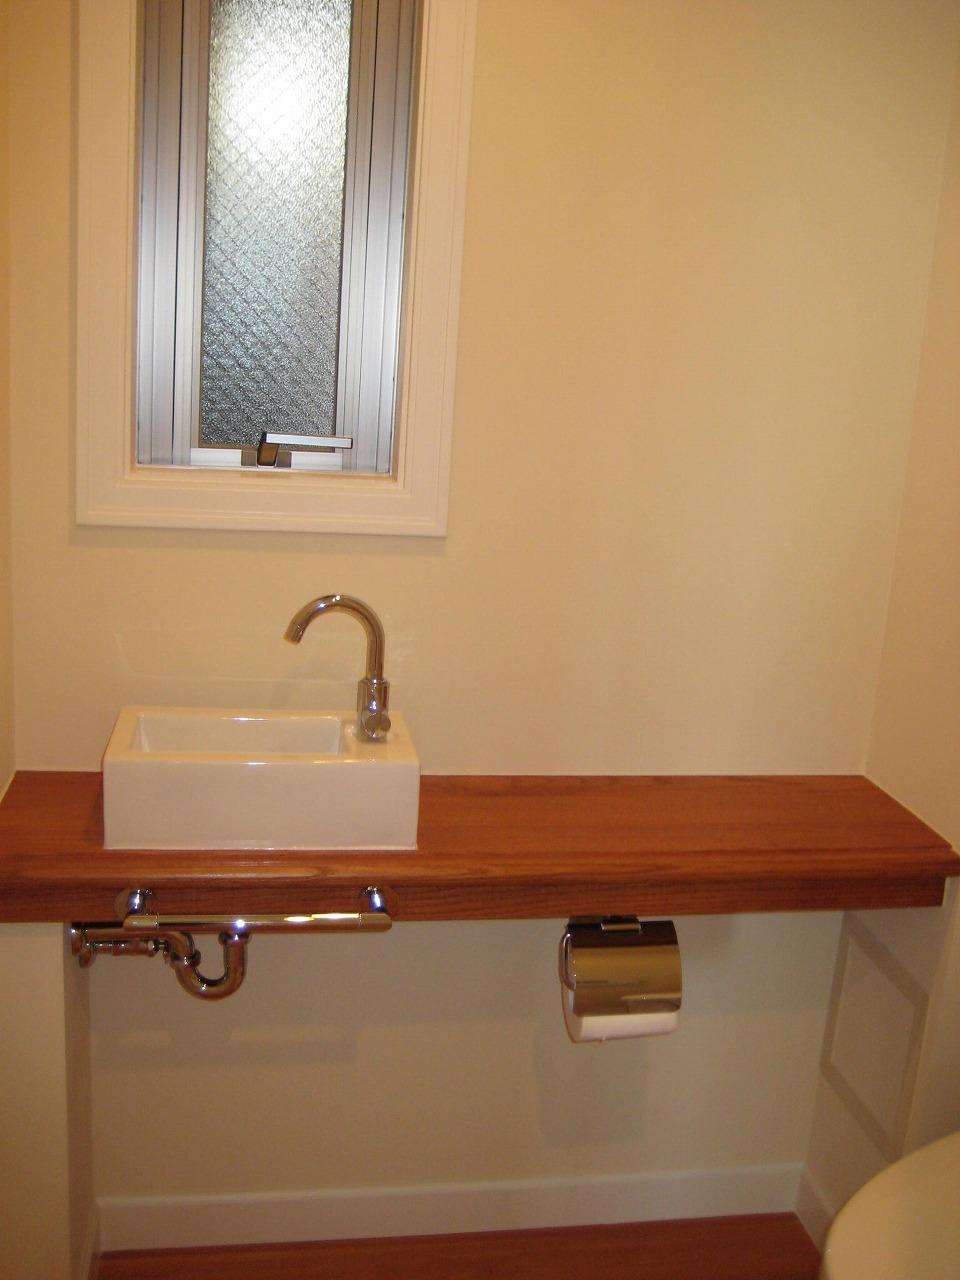 トイレ内の手洗い木製カウンター